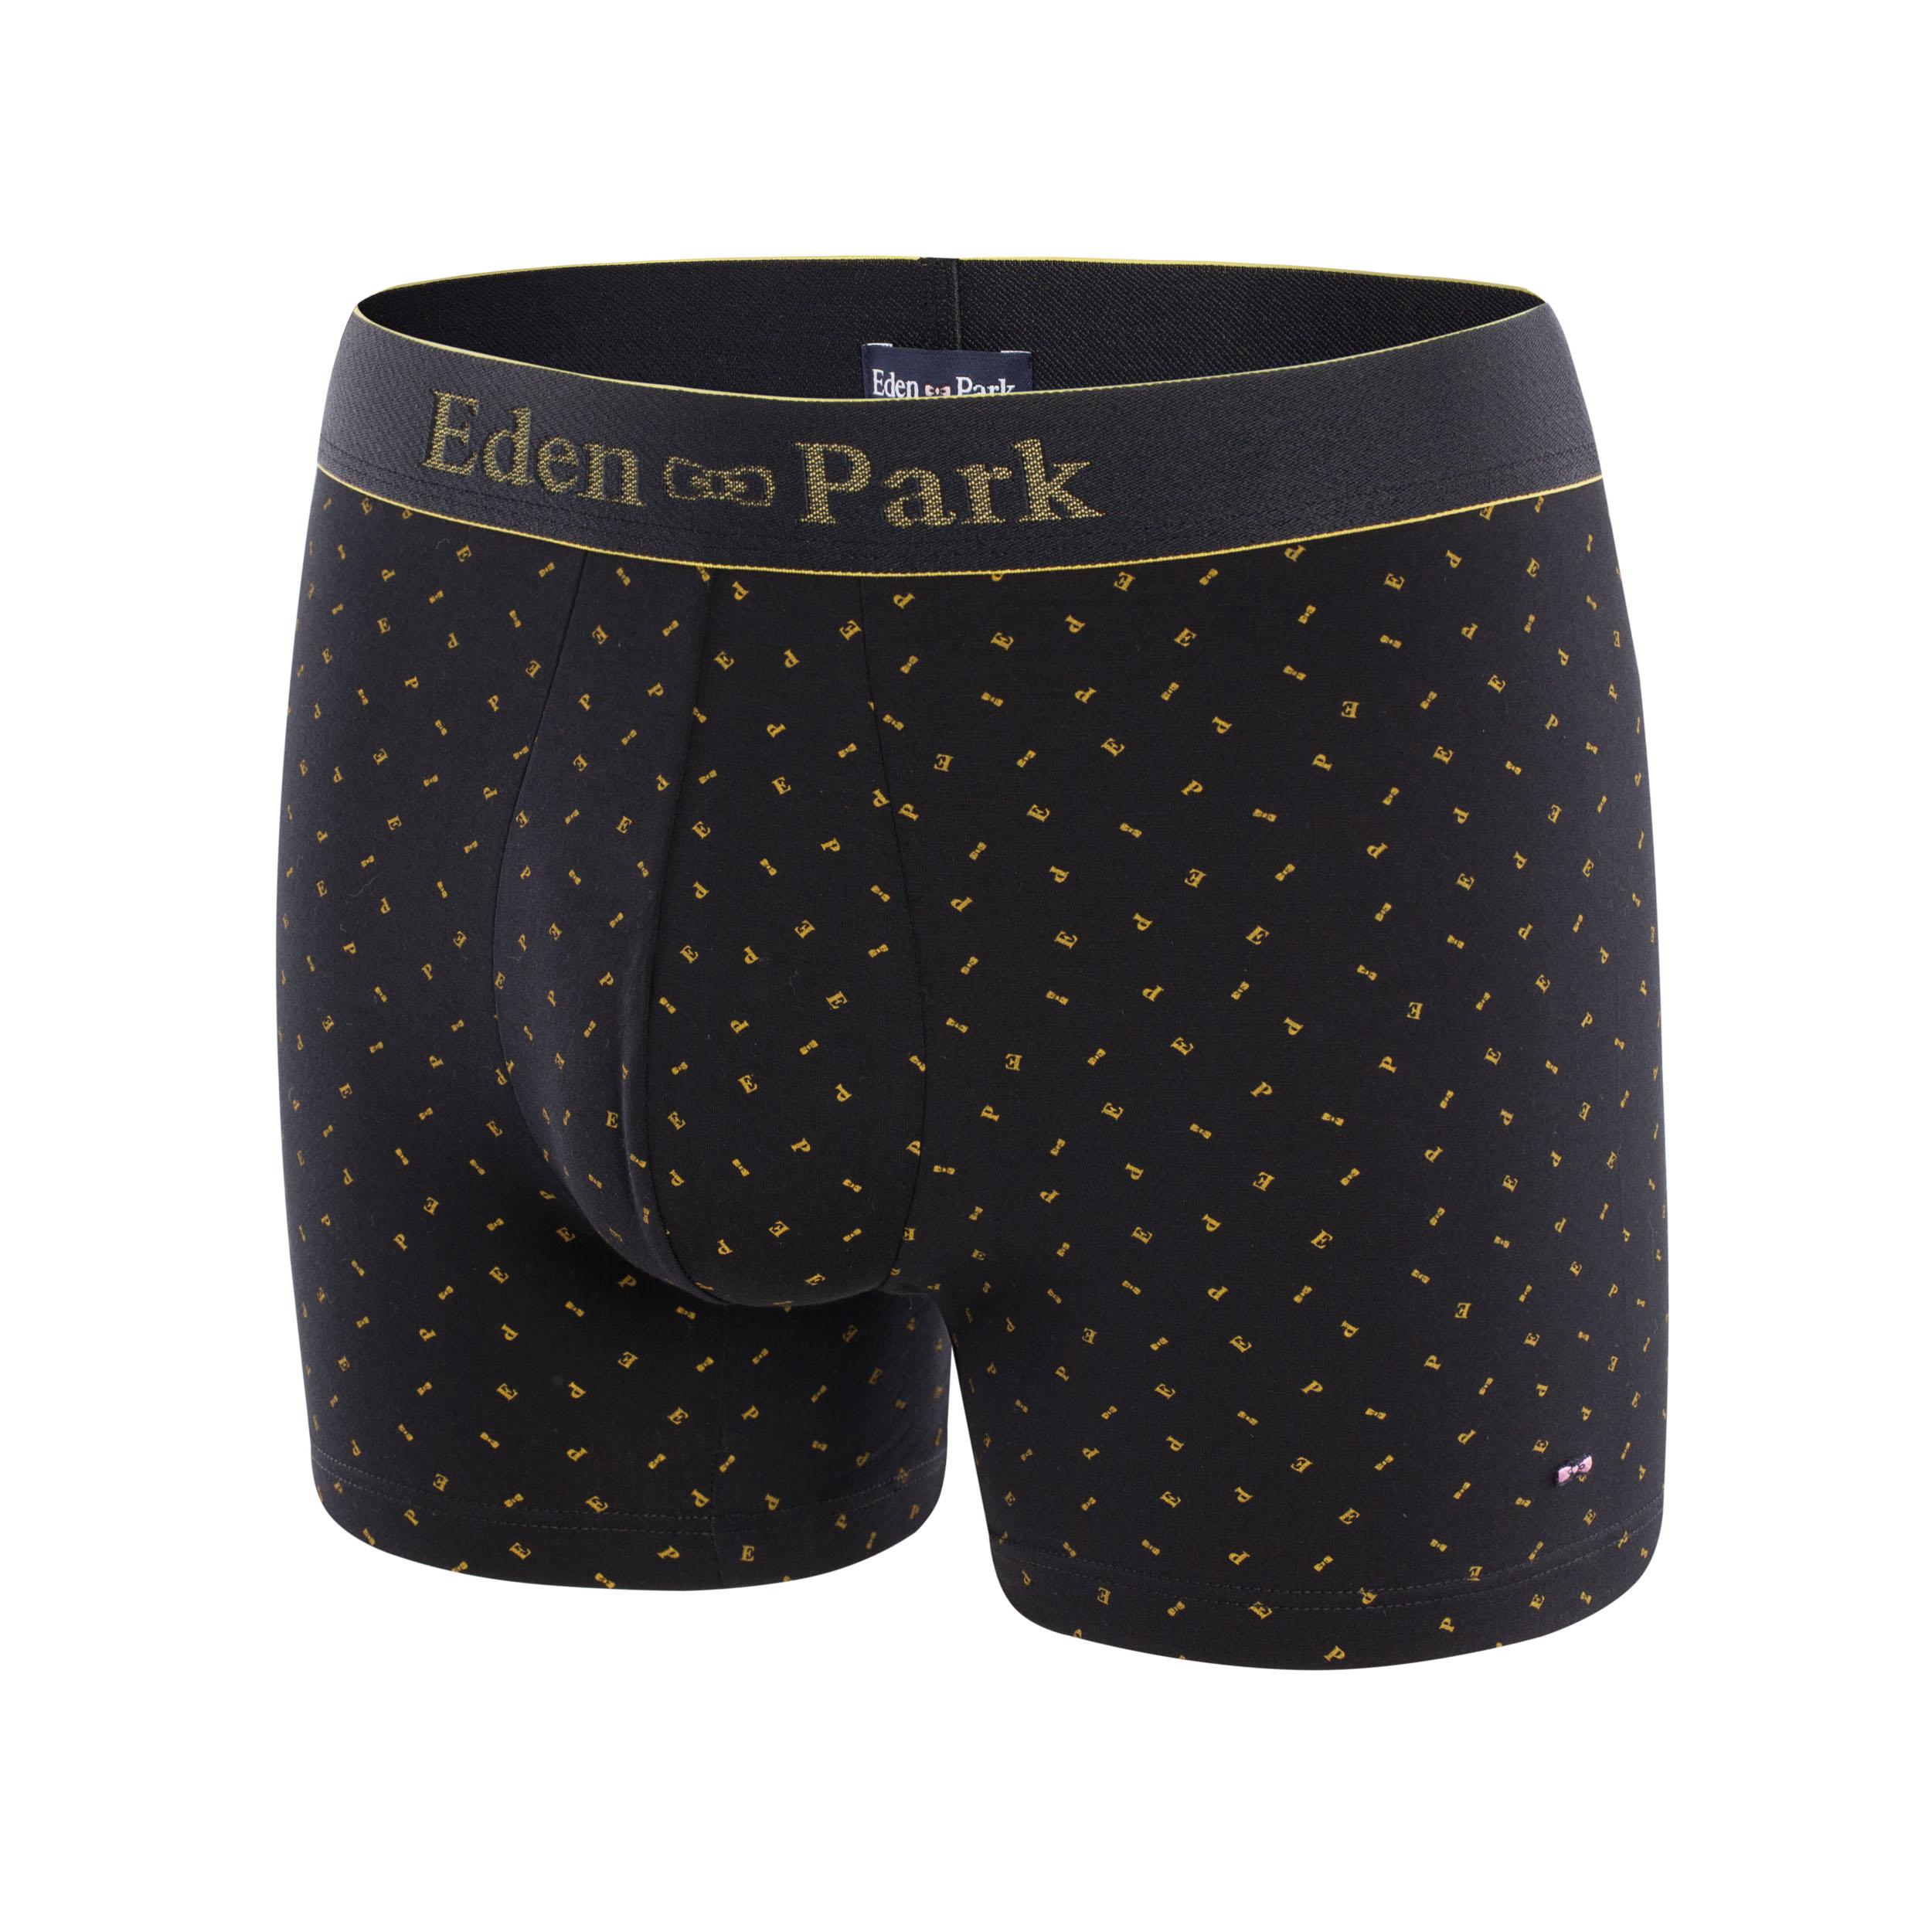 Boxer eden park en coton stretch noir à motifs n?uds papillons et lettres jaunes